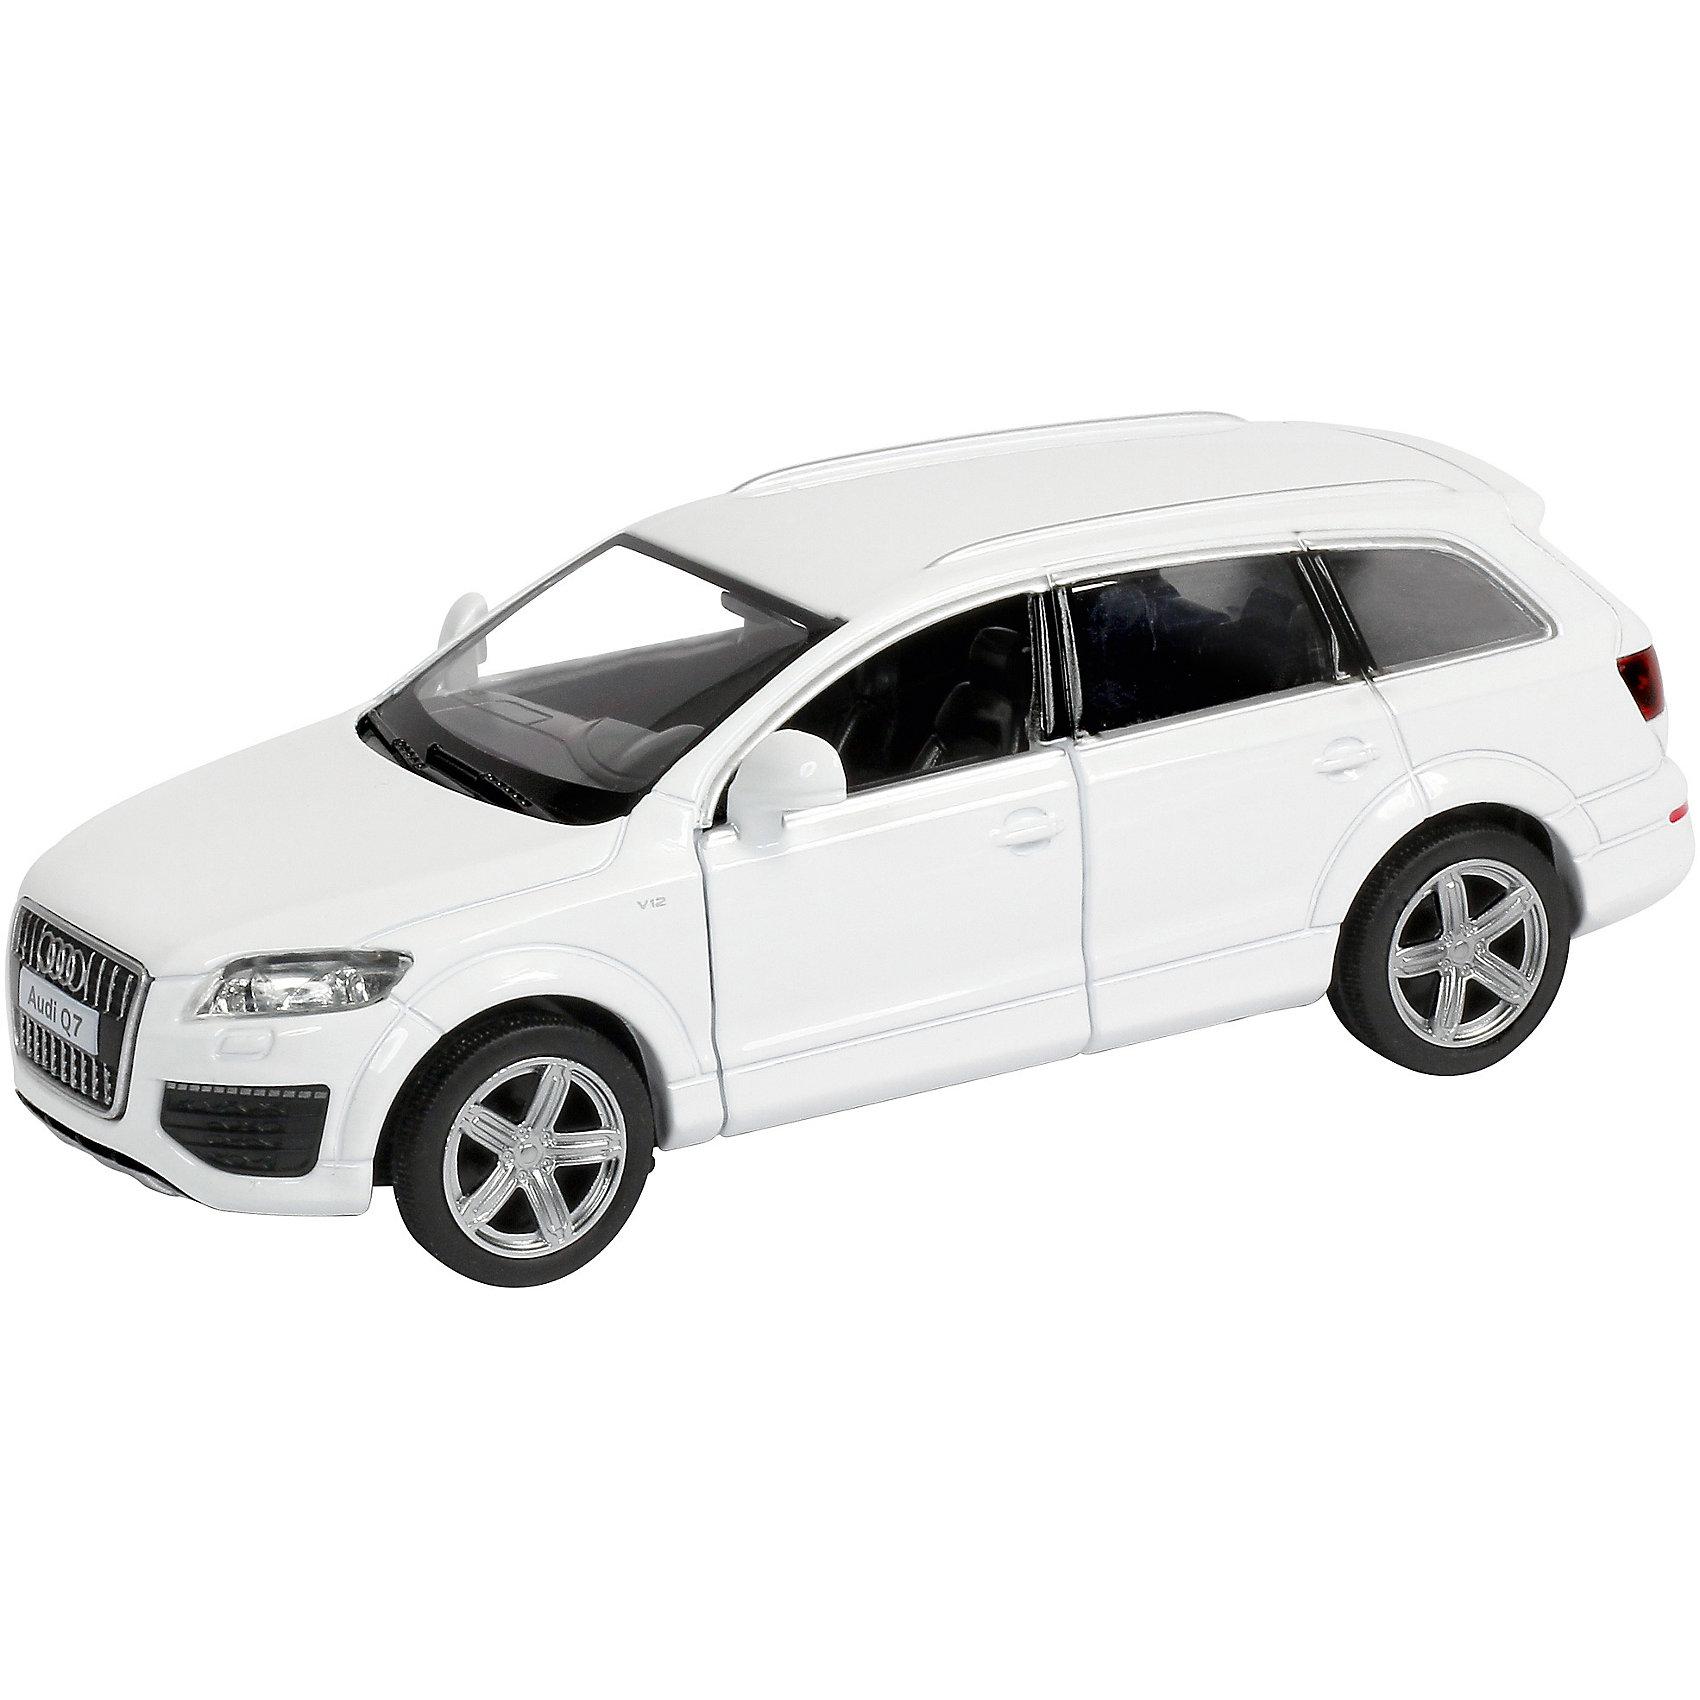 Машинка Audi Q7 V12, KRUTTIСтильная и красивая модель, выполненная в масштабе 1:40 приведет в восторг любого мальчишку. Машина прекрасно детализирована, очень похожа на настоящую. Колеса свободно вращаются, двери открываются. Игрушка выполнена из высококачественных прочных материалов. Автомобиль займет достойное место в коллекции вашего юного автолюбителя.  <br><br>Дополнительная информация:<br><br>- Масштаб: 1:40.<br>- Материал: металл, пластик, резина. <br>- Размер: 13,5х5,2х4,5 см.<br>- Функции: свободный ход колес, открывающиеся двери.<br><br>Машинку Audi Q7 V12, KRUTTI (Крутти), можно купить в нашем магазине.<br><br>Ширина мм: 170<br>Глубина мм: 70<br>Высота мм: 70<br>Вес г: 228<br>Возраст от месяцев: 36<br>Возраст до месяцев: 168<br>Пол: Мужской<br>Возраст: Детский<br>SKU: 4304451